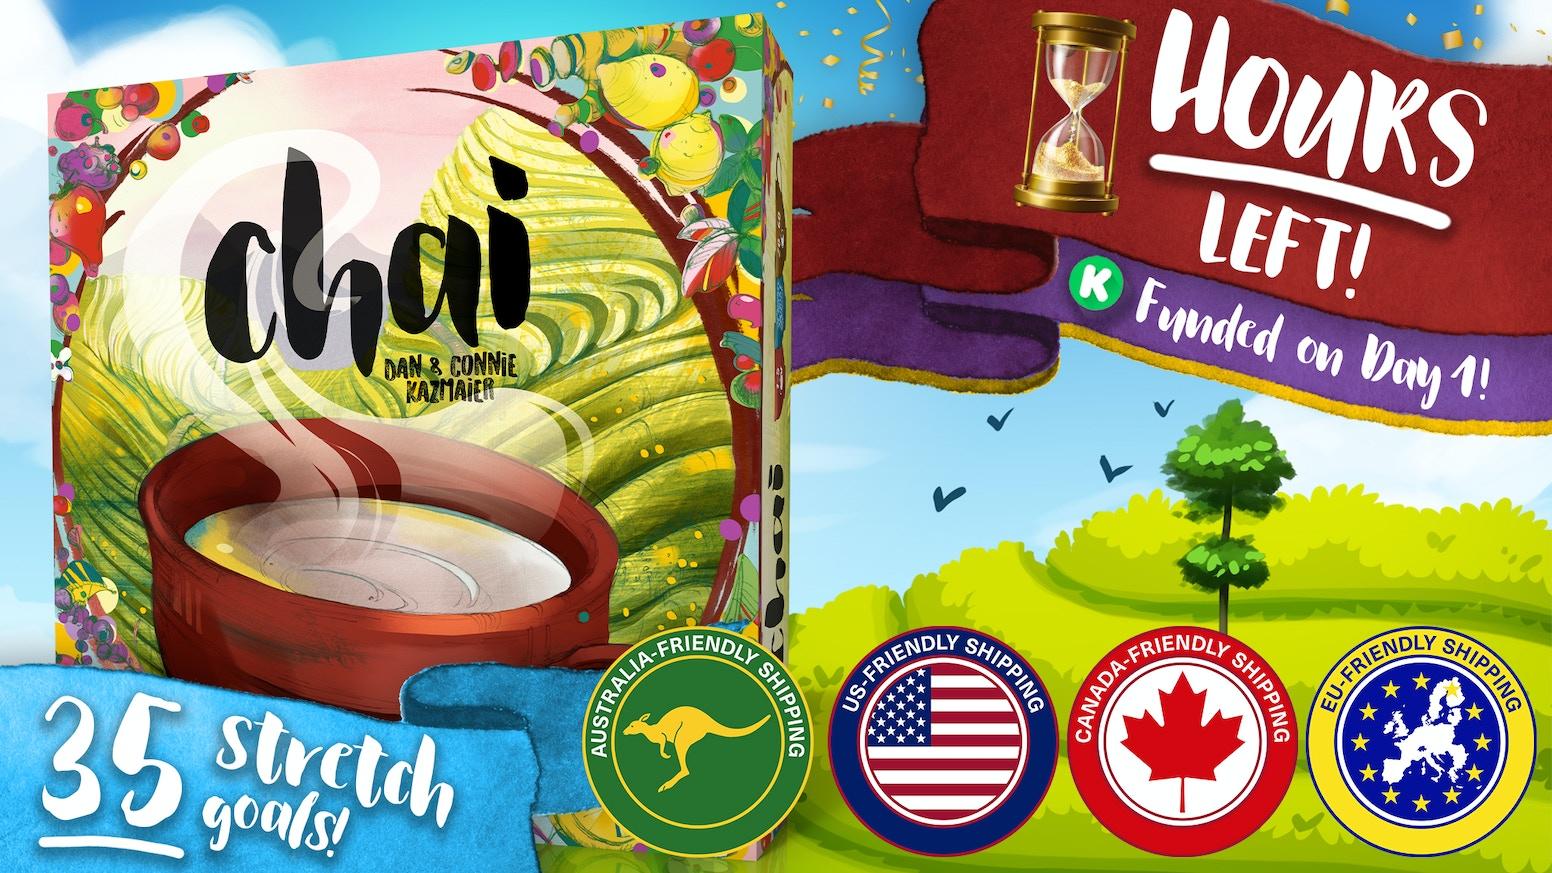 ☕️ Chai—An Immersive Tea Board Game! by Dan & Connie